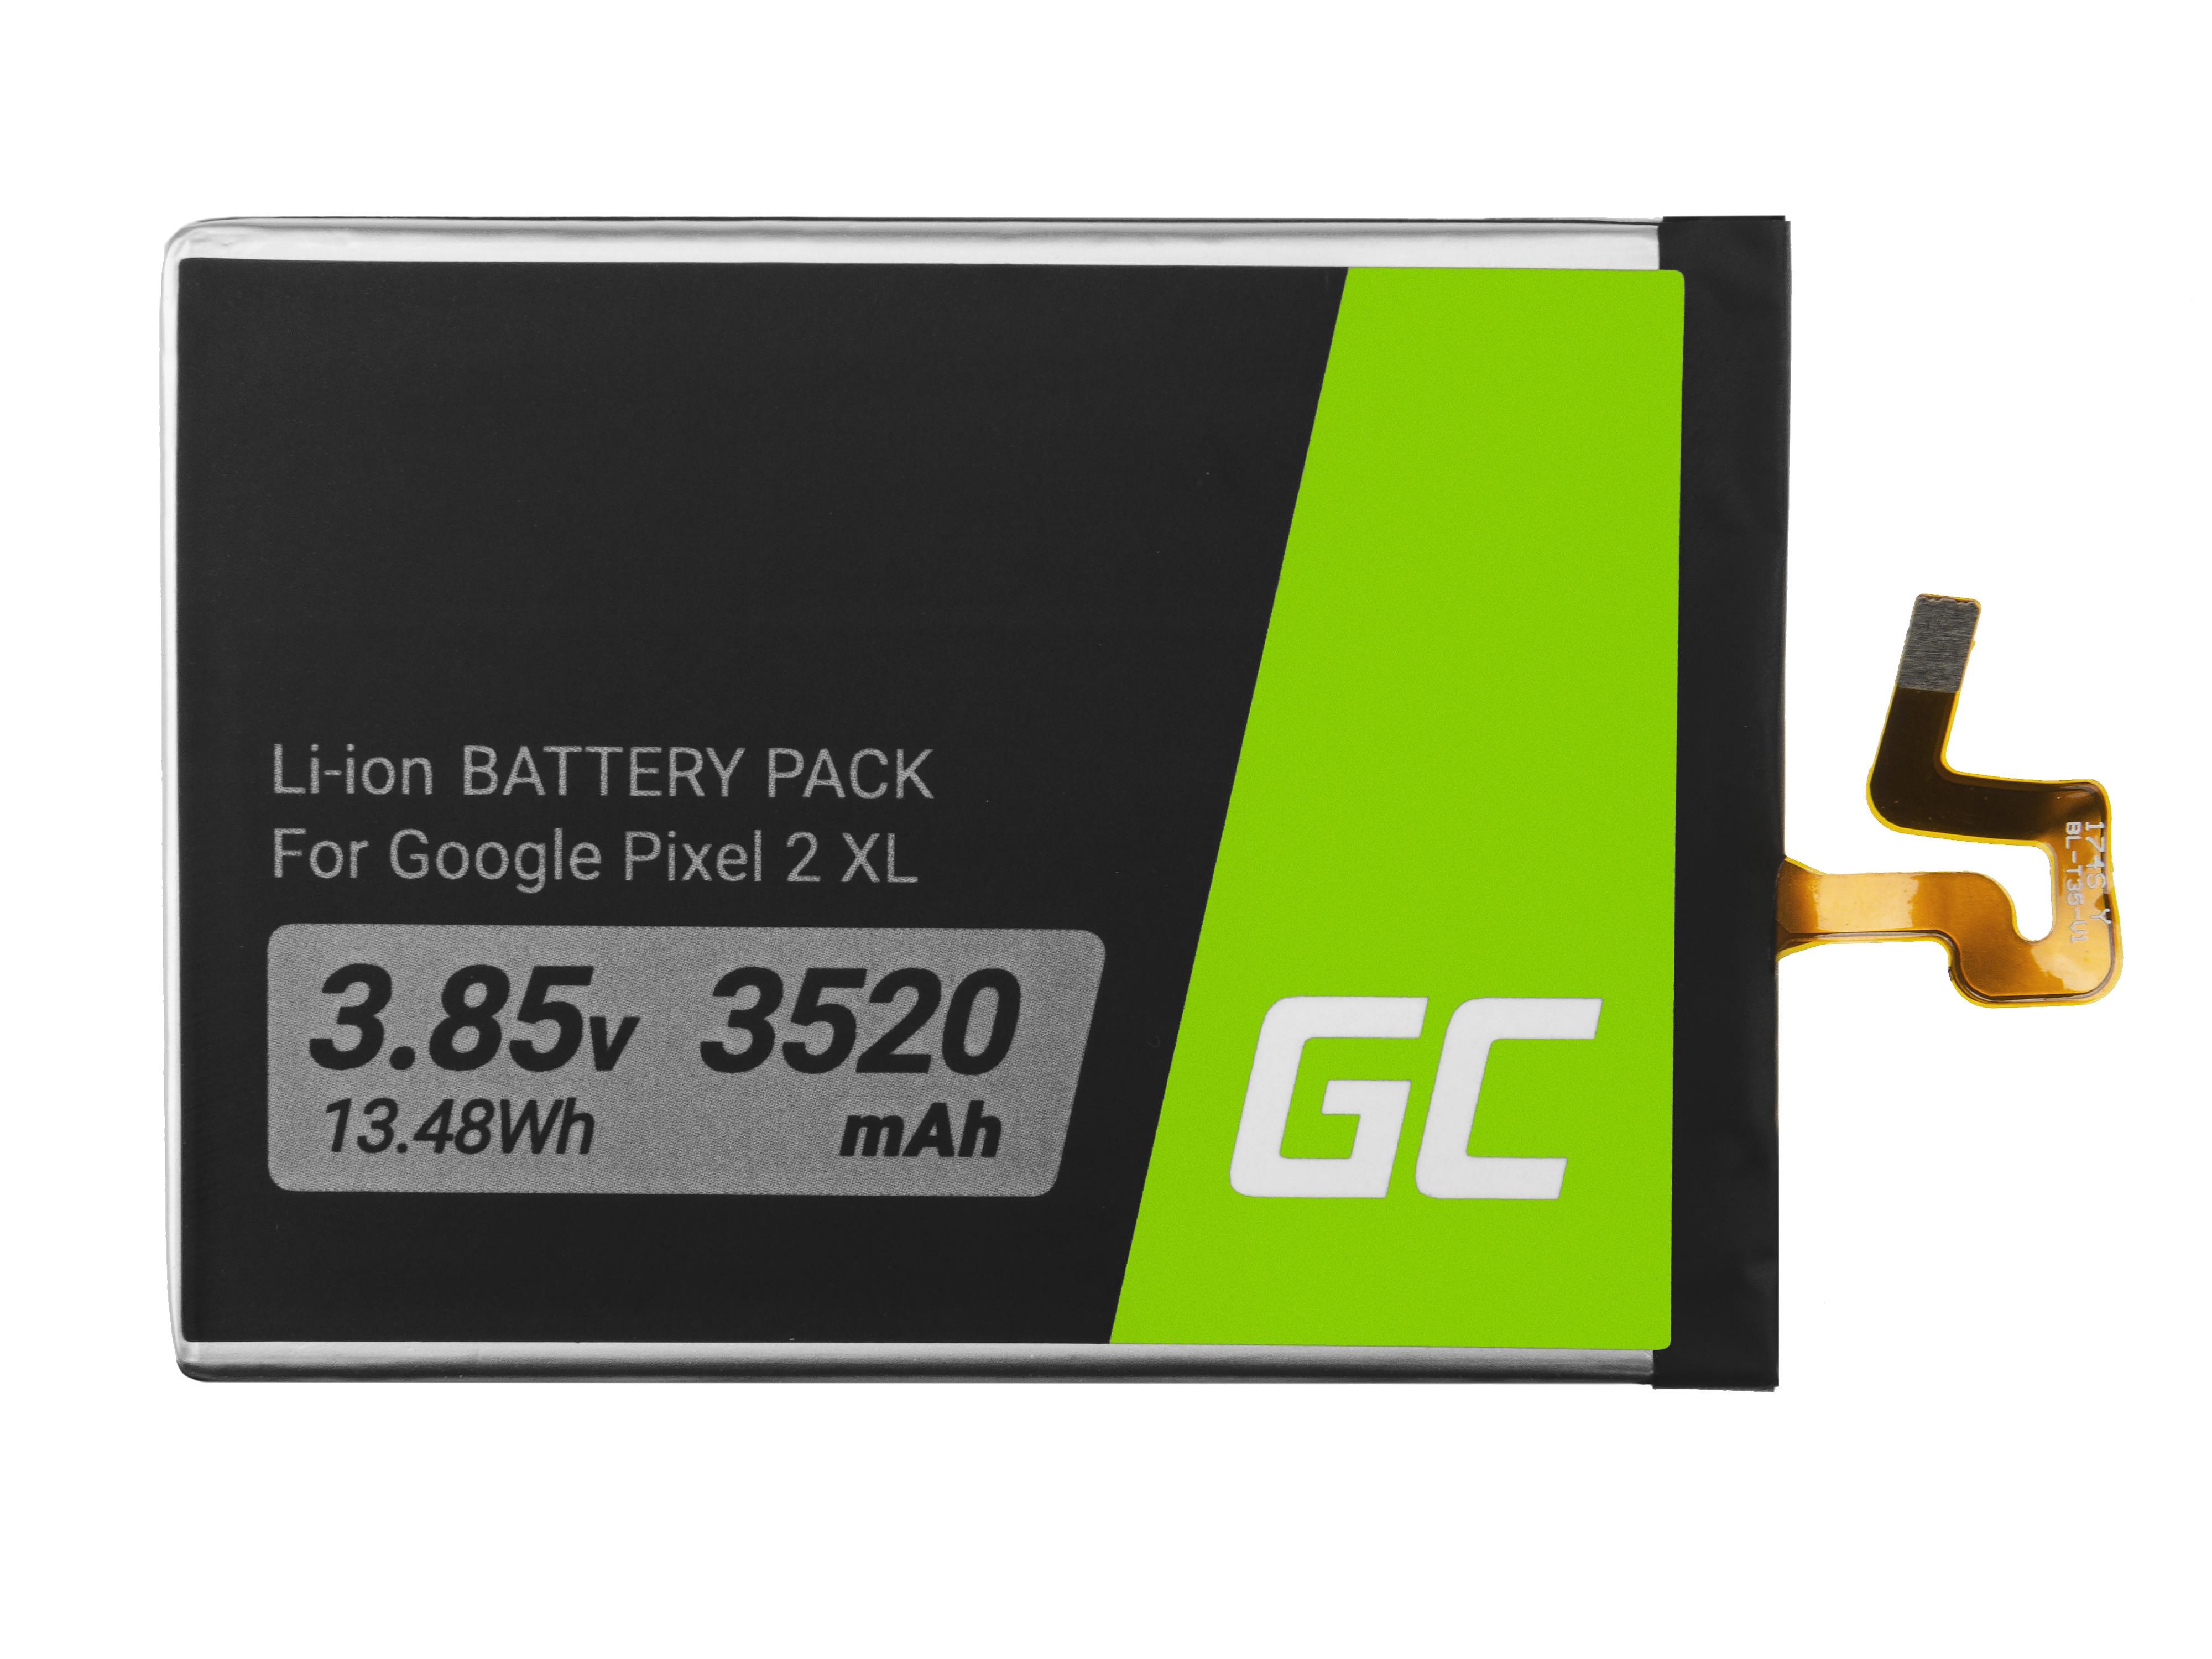 Batteri BL-T35 för Google Pixel 2 XL